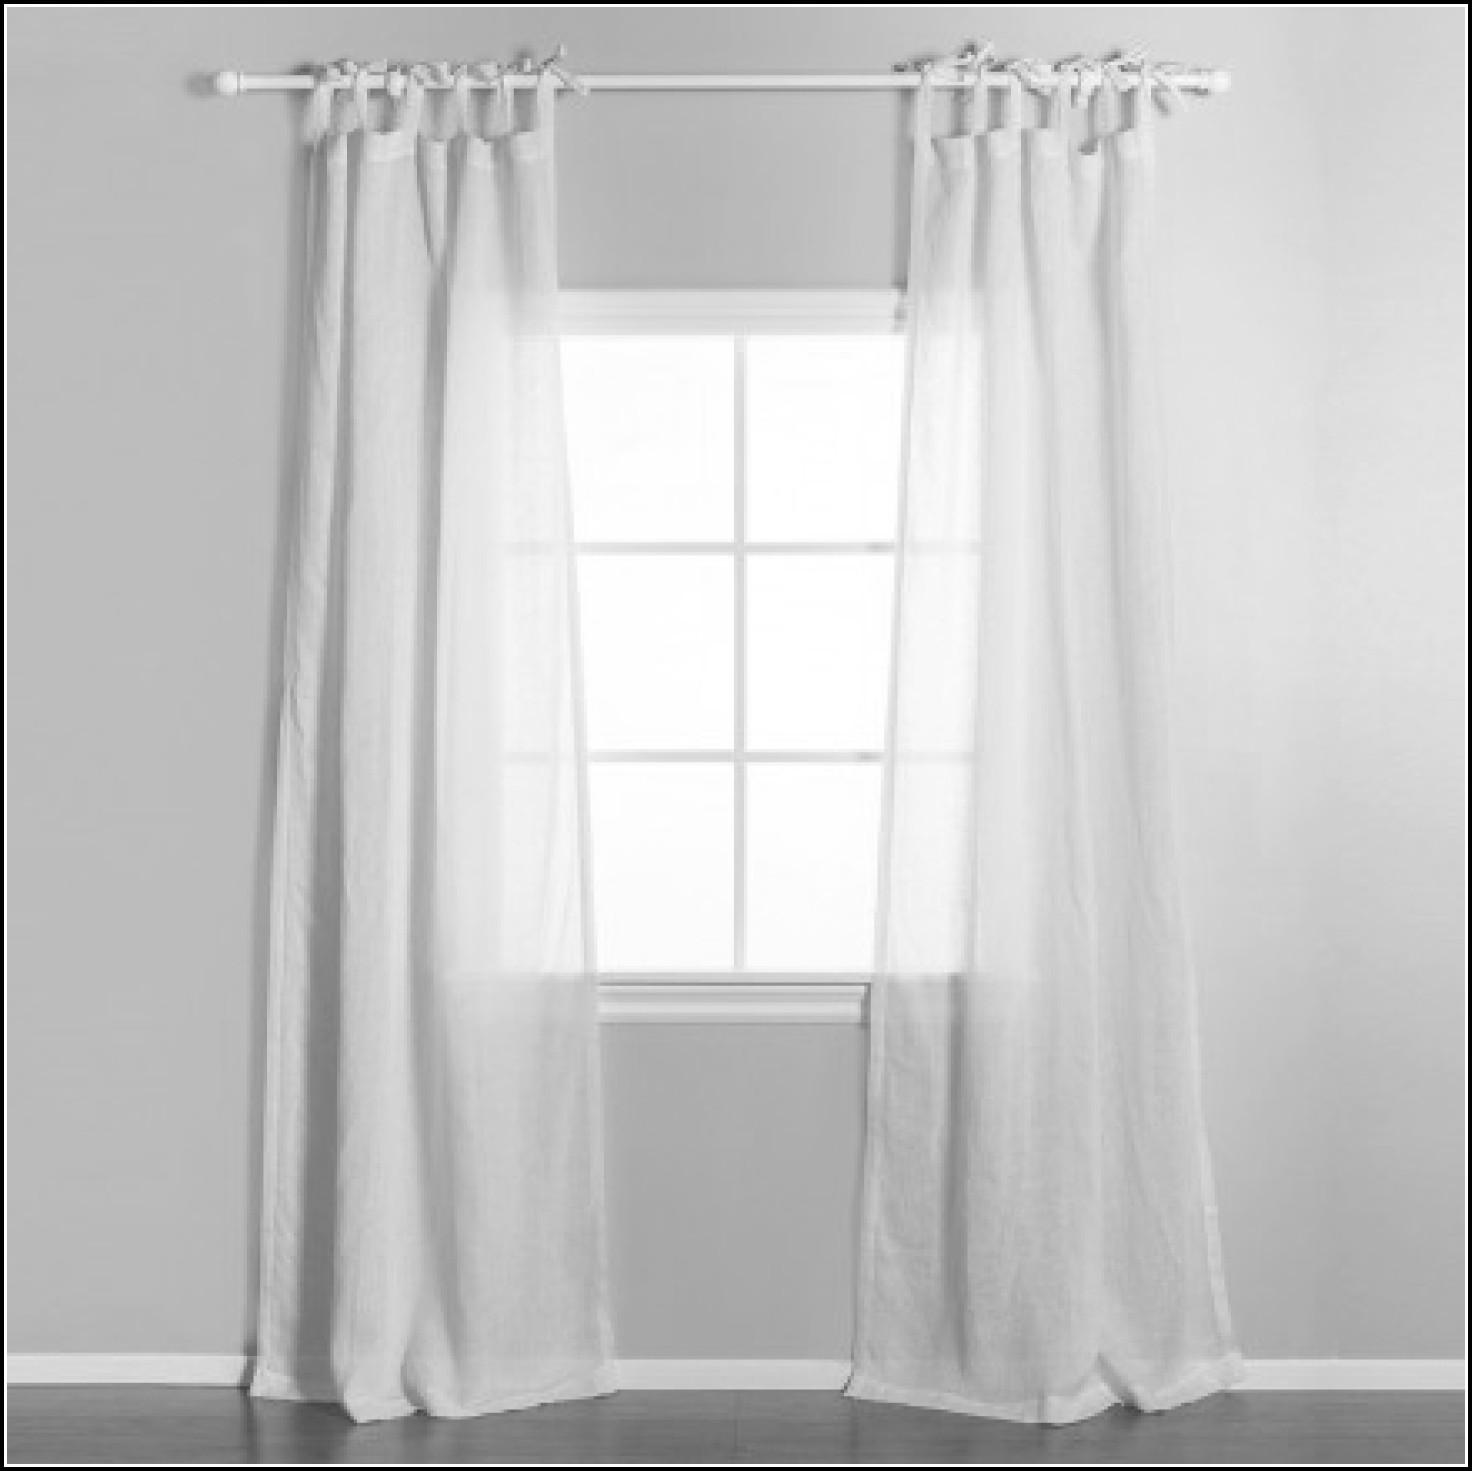 Tab Top Semi Sheer Curtains Curtains Home Design Ideas 2md9e3odoj27223